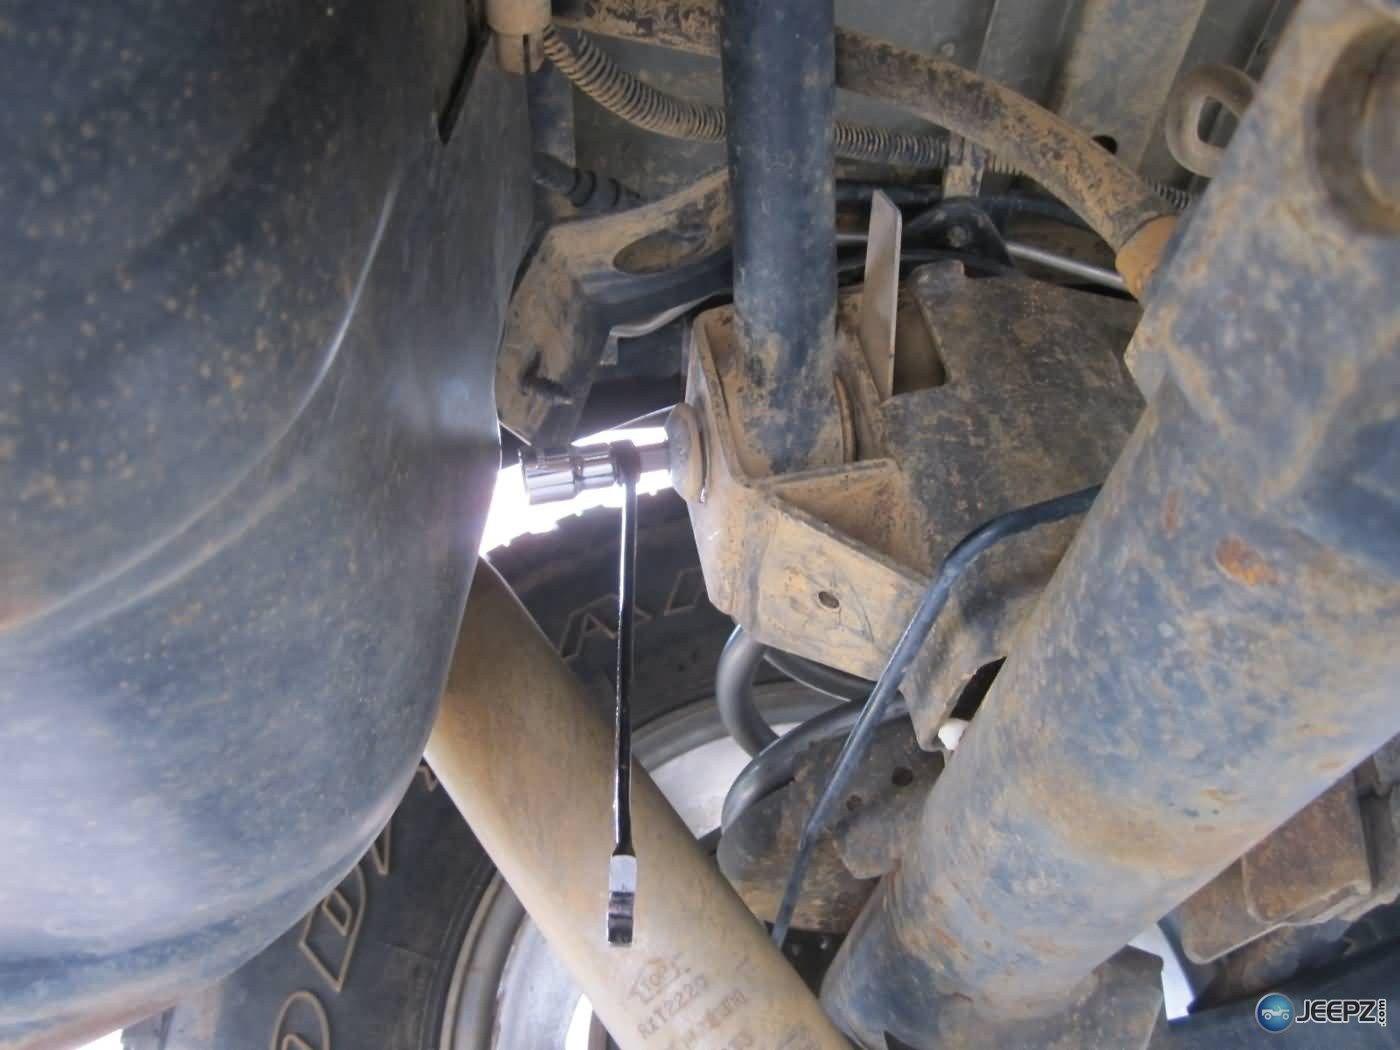 Great Jeep Tj Rear Track Bar Install